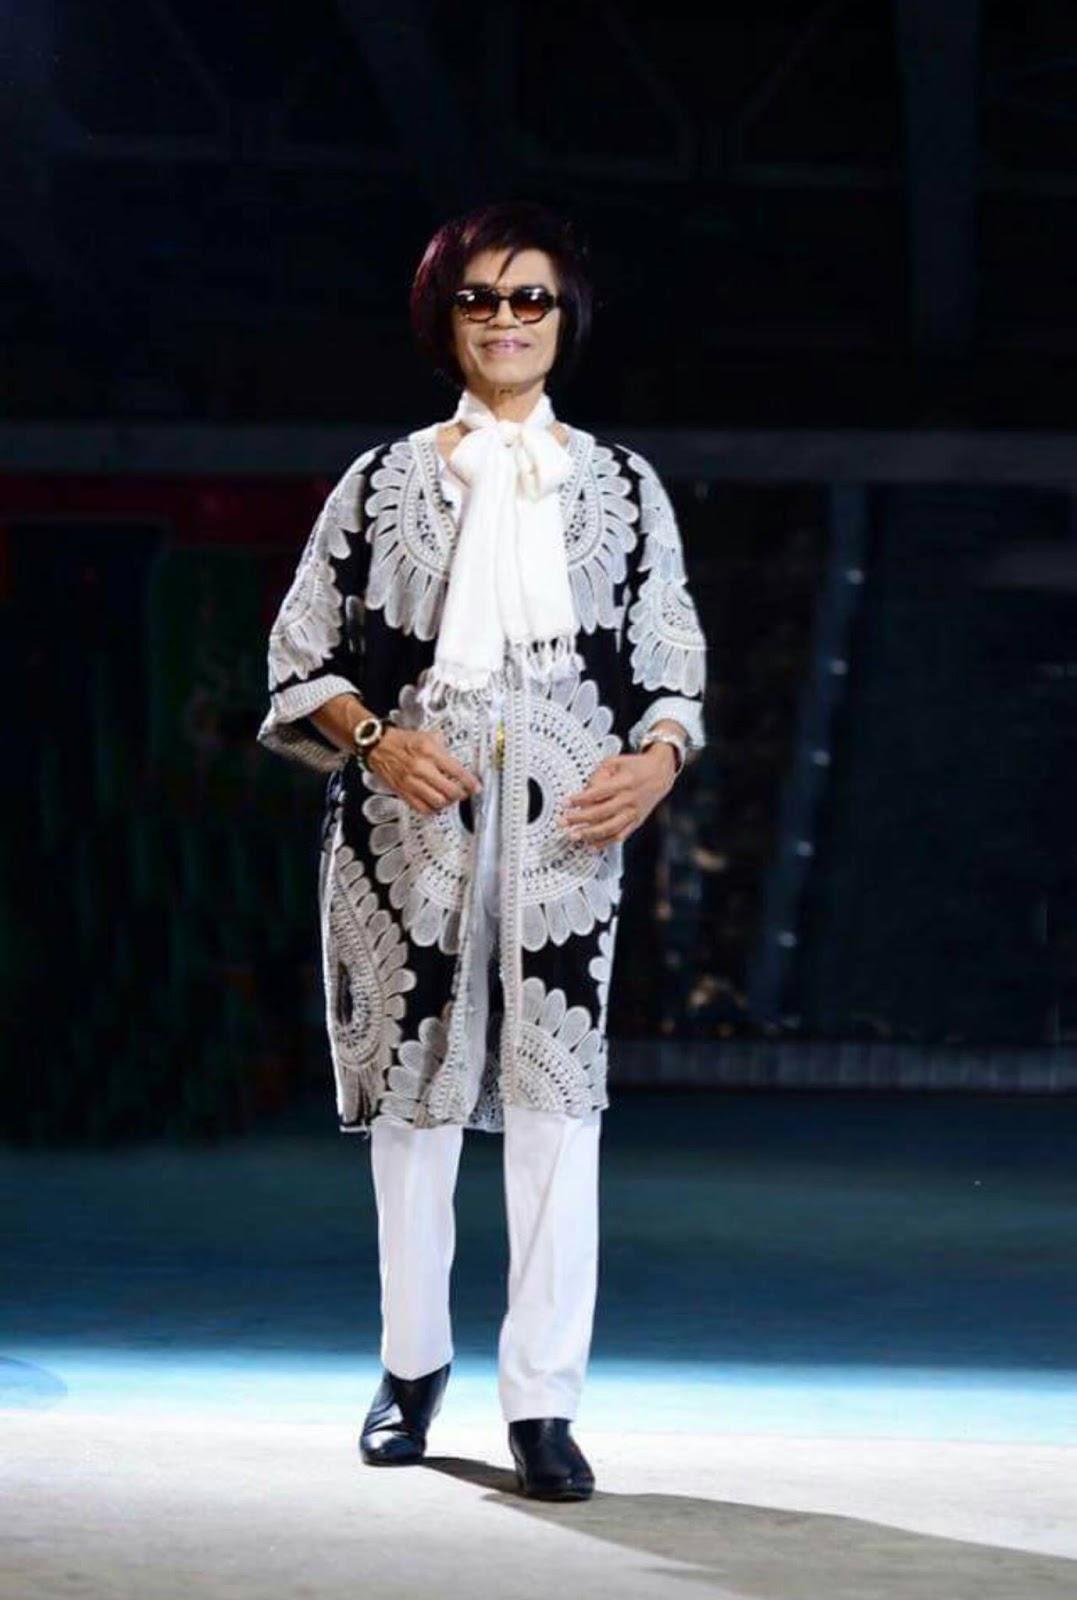 Pyi Myanmar Daily Journal: Myanmar Pyi Thein Tan Fashion : Myanmar Idol's Judge